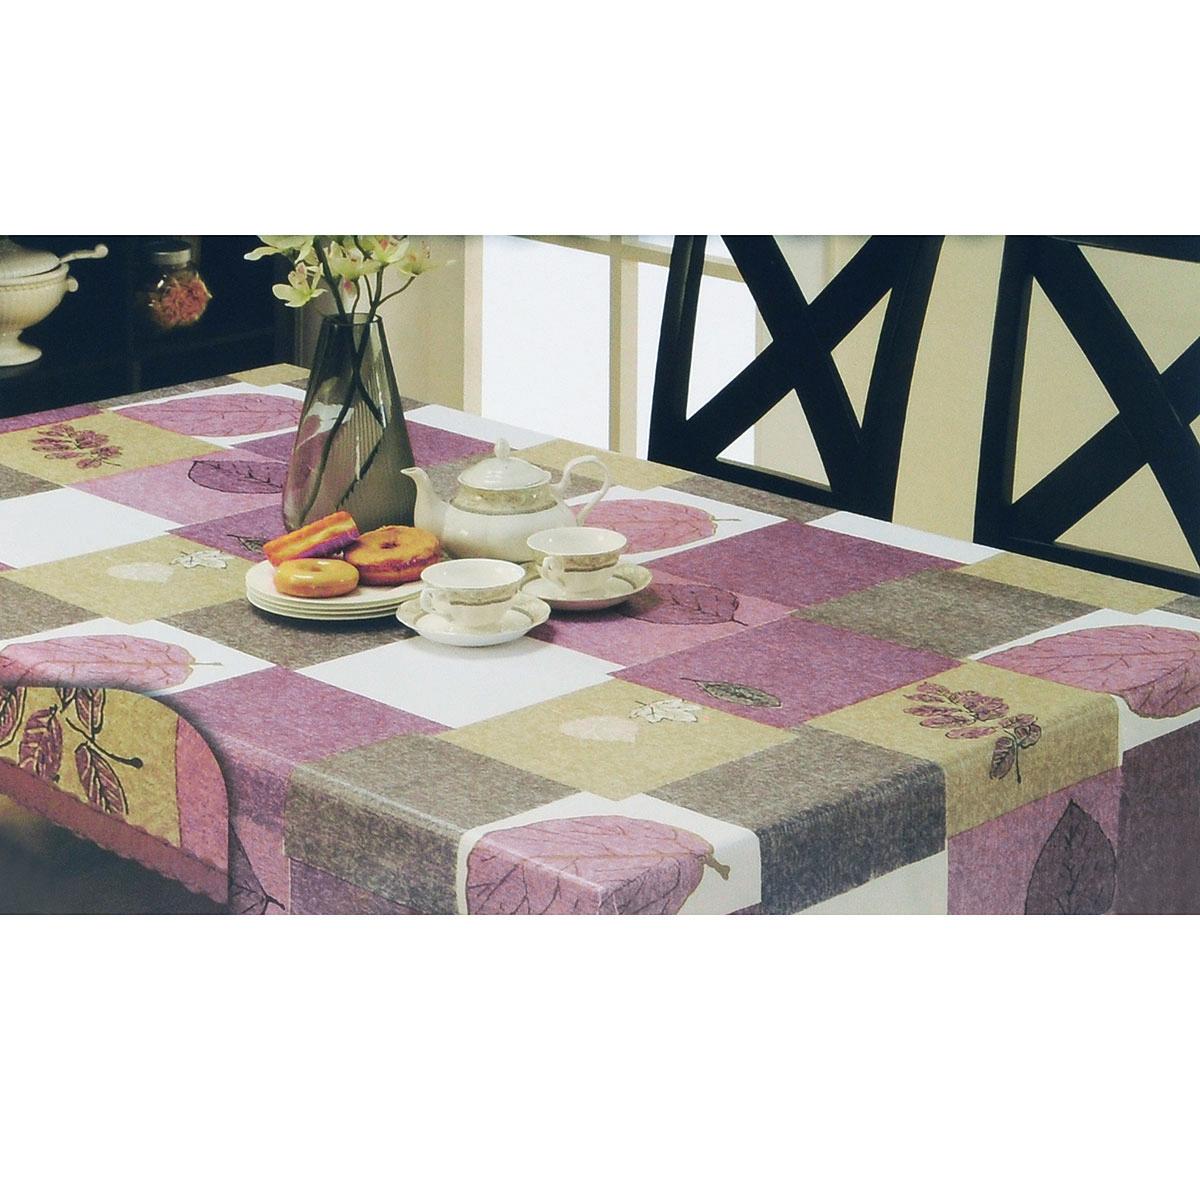 Скатерть White Fox Лист, квадратная, цвет: сиреневый, серый, 152x 152 смWКTC72-262Квадратная скатерть White Fox Лист, выполненная из ПВХ с основой из флиса, предназначена для защиты стола от царапин, пятен и крошек. Край скатерти обработан строчкой. Скатерть оформлена изображением листочков, а рифлёная поверхность формирует приятные тактильные ощущения, при этом частички пищи удаляются с легкостью и поверхность остается всегда чистой. Скатерть термостойкая, выдерживает температуру до +70 °C.Скатерть White Fox проста в уходе - её можно протирать любыми моющими средствами при необходимости.Скатерть упакована в виниловый пакет с внутренним цветным вкладышем и подвесом в виде крючка.